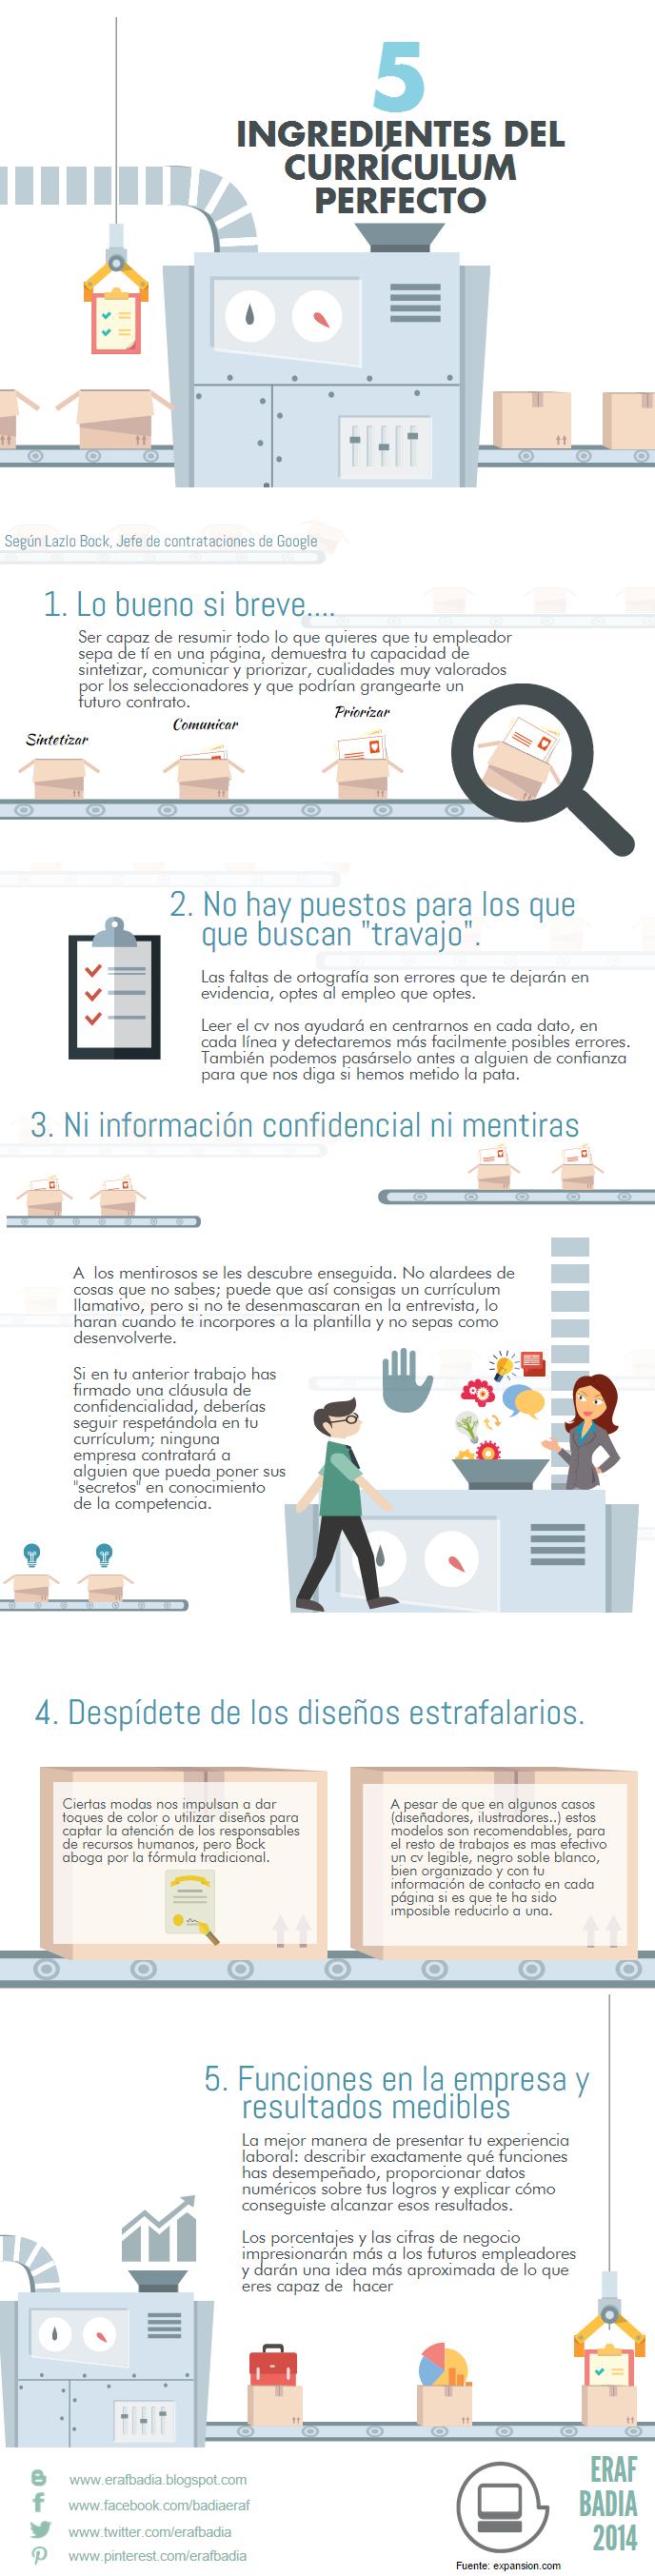 Los 5 ingredientes del Curriculum perfecto #infografia #infographic ...